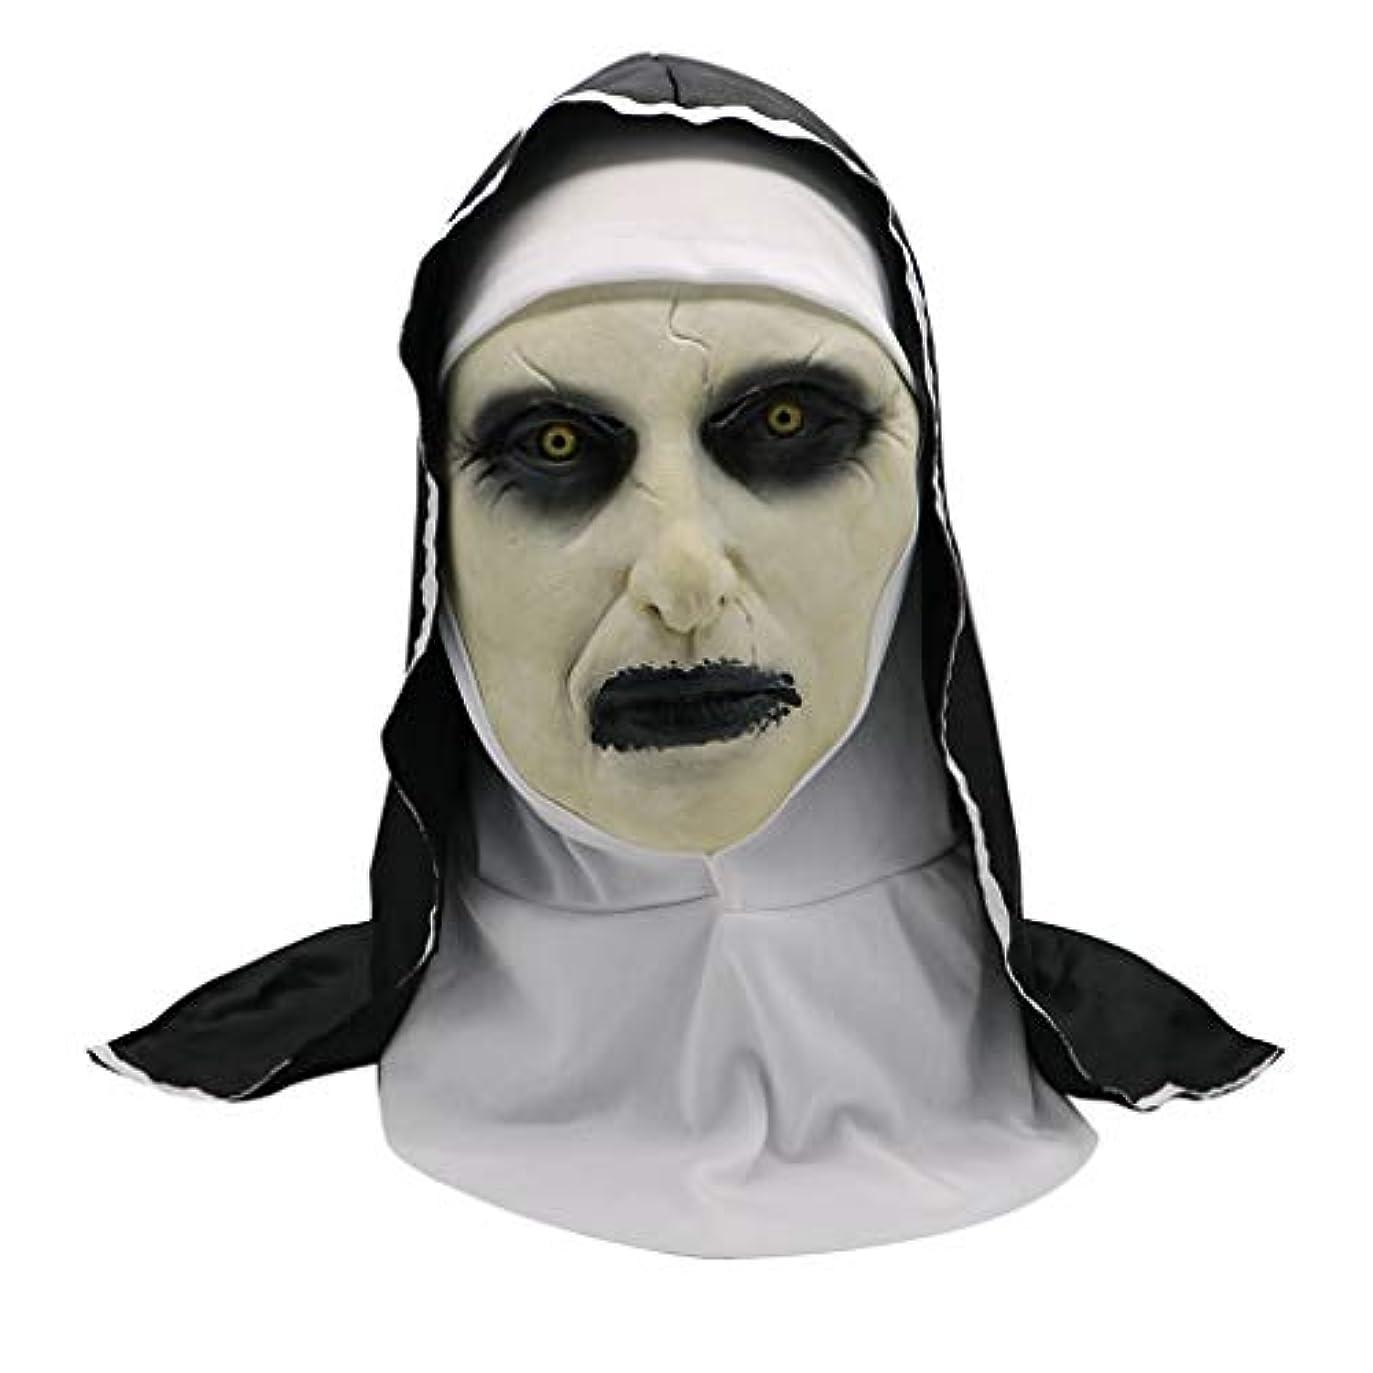 またねブランドオフセットラテックスヘッドマスク、ホラーゴーストヌンホラーハロウィンファンシードレスパーティー